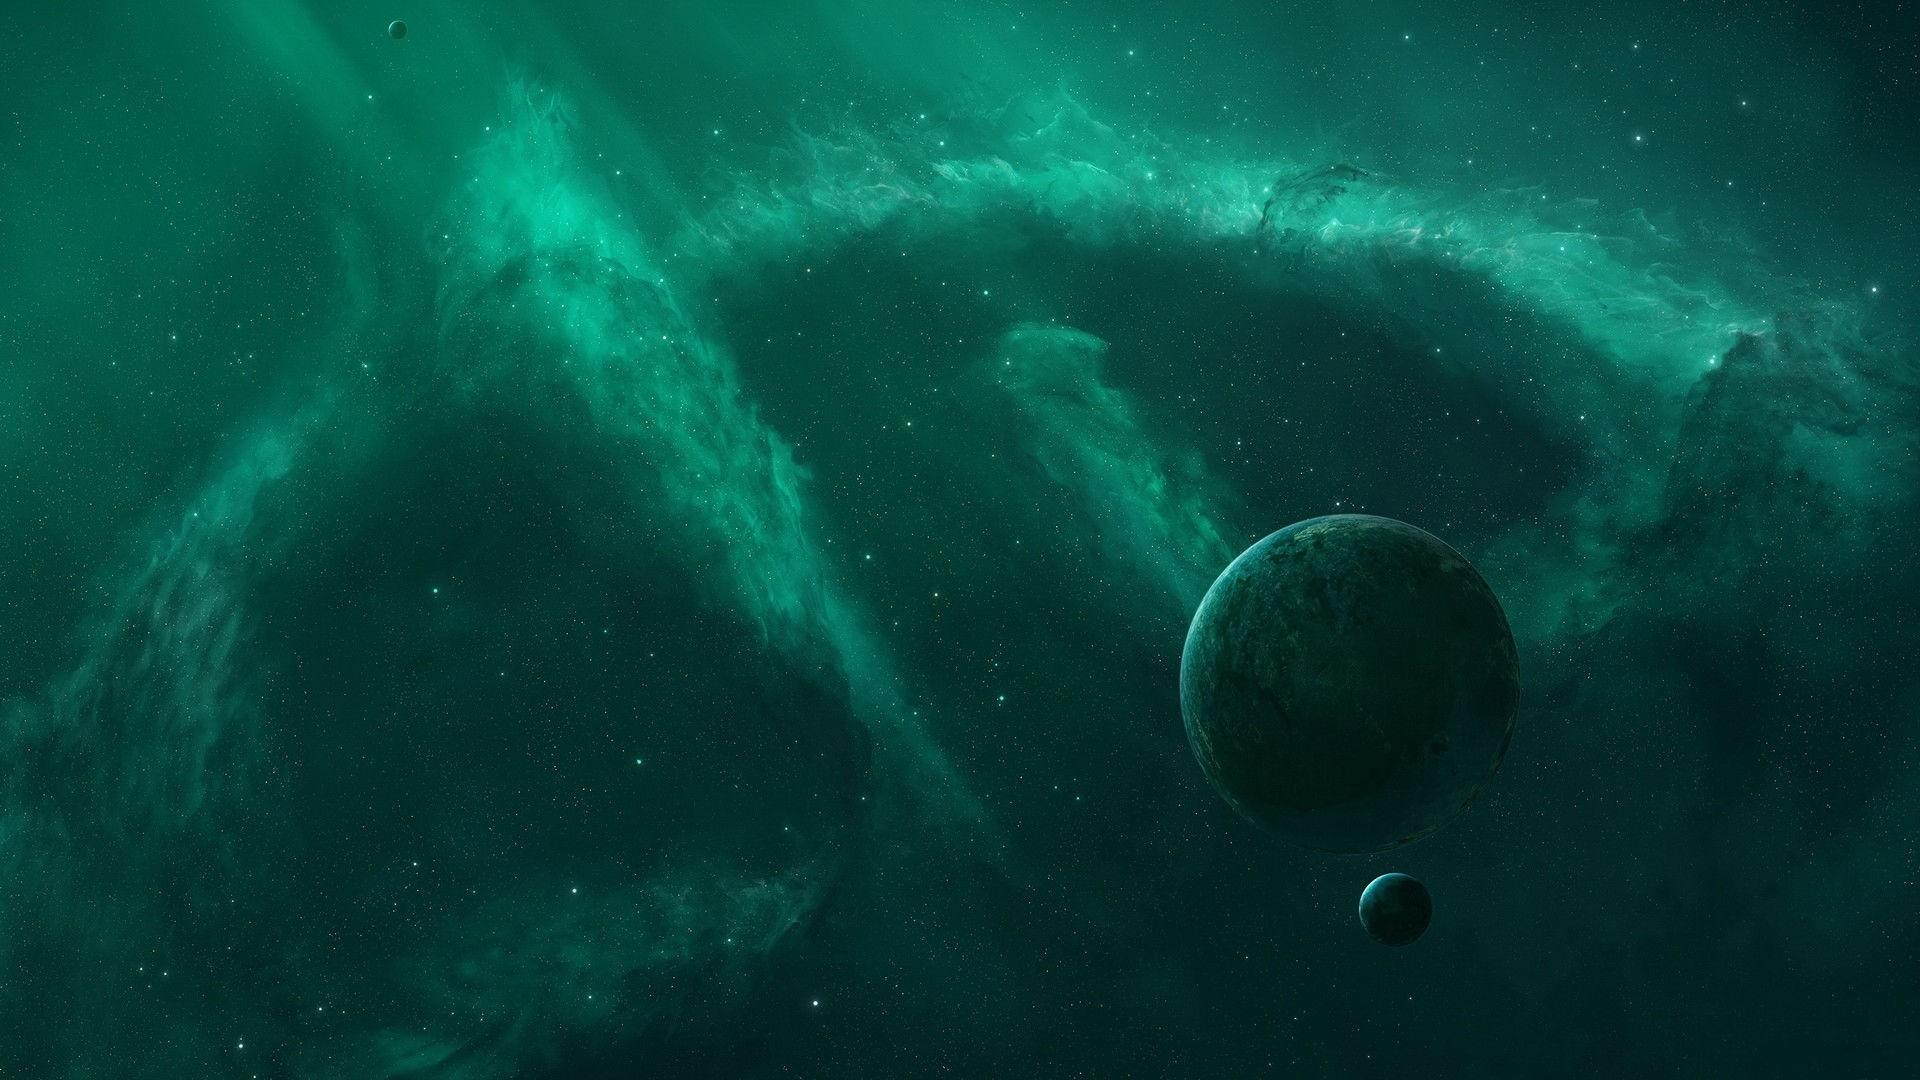 Green Nebula Planets